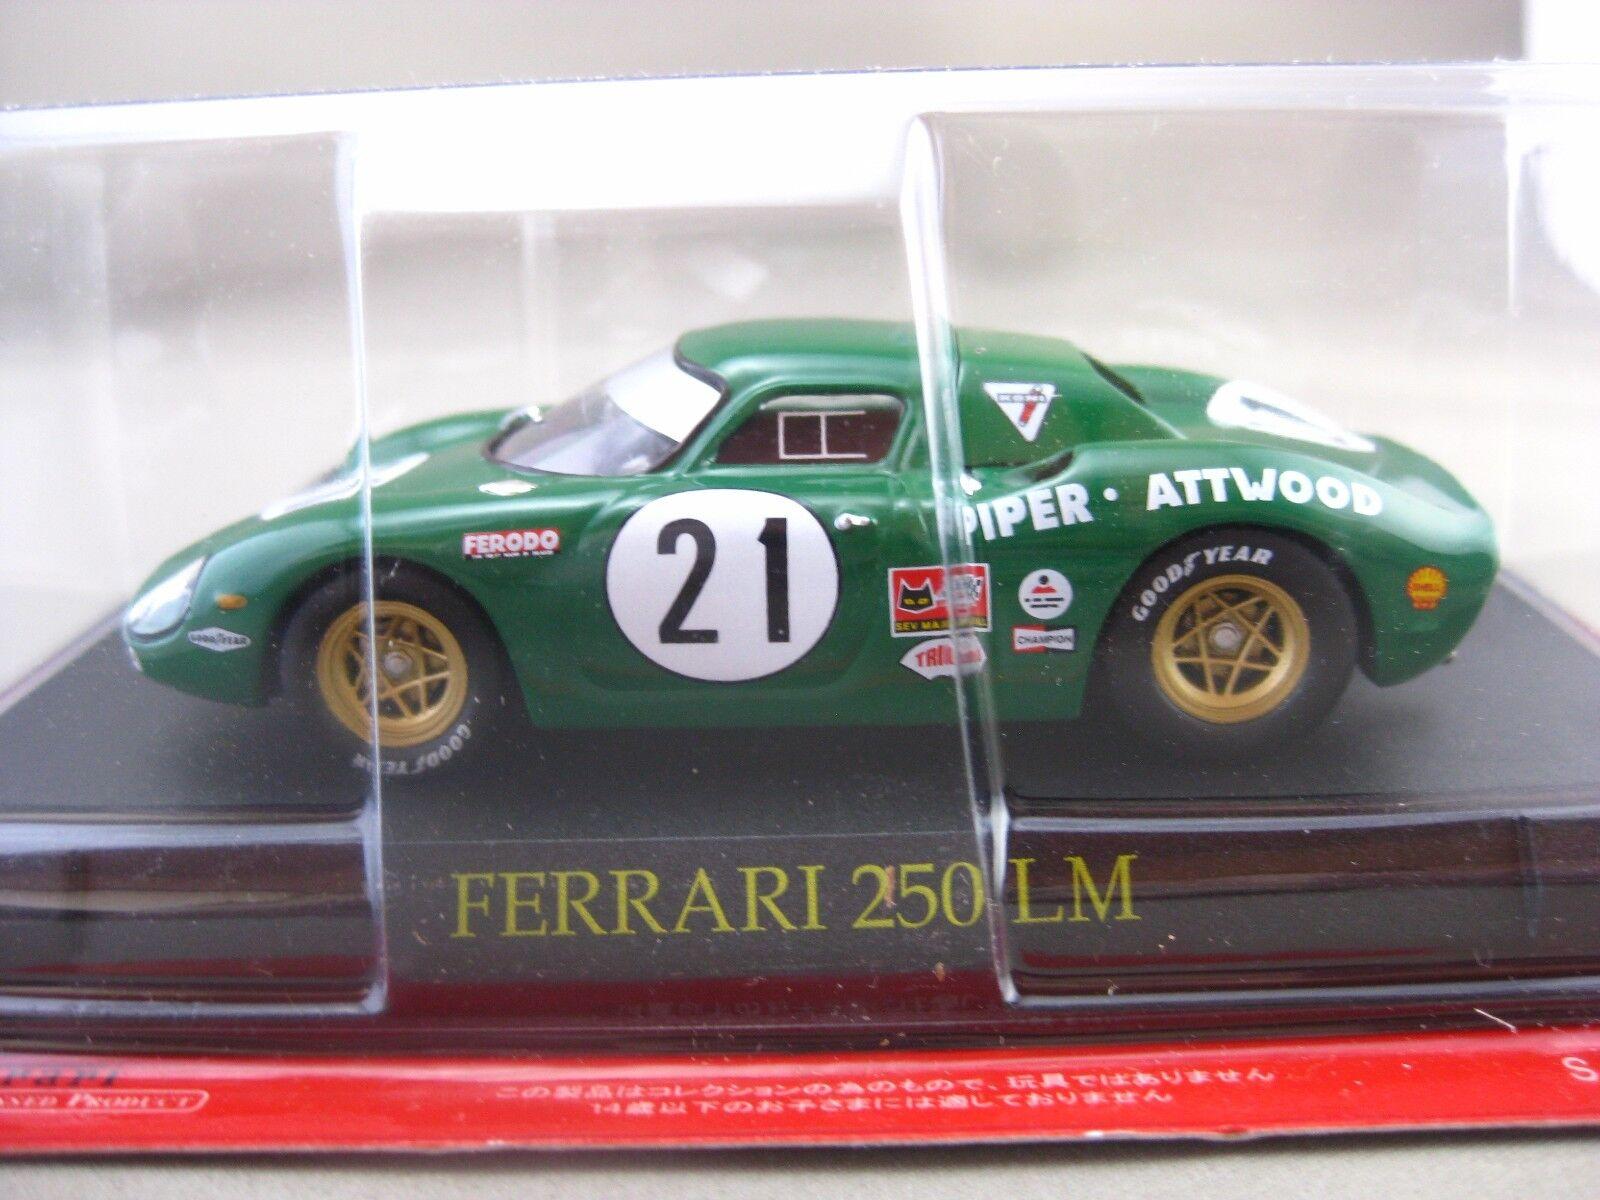 Ferrari 250 LM  hachette 1 43 Diecast voiture Vol.5  magasin en ligne